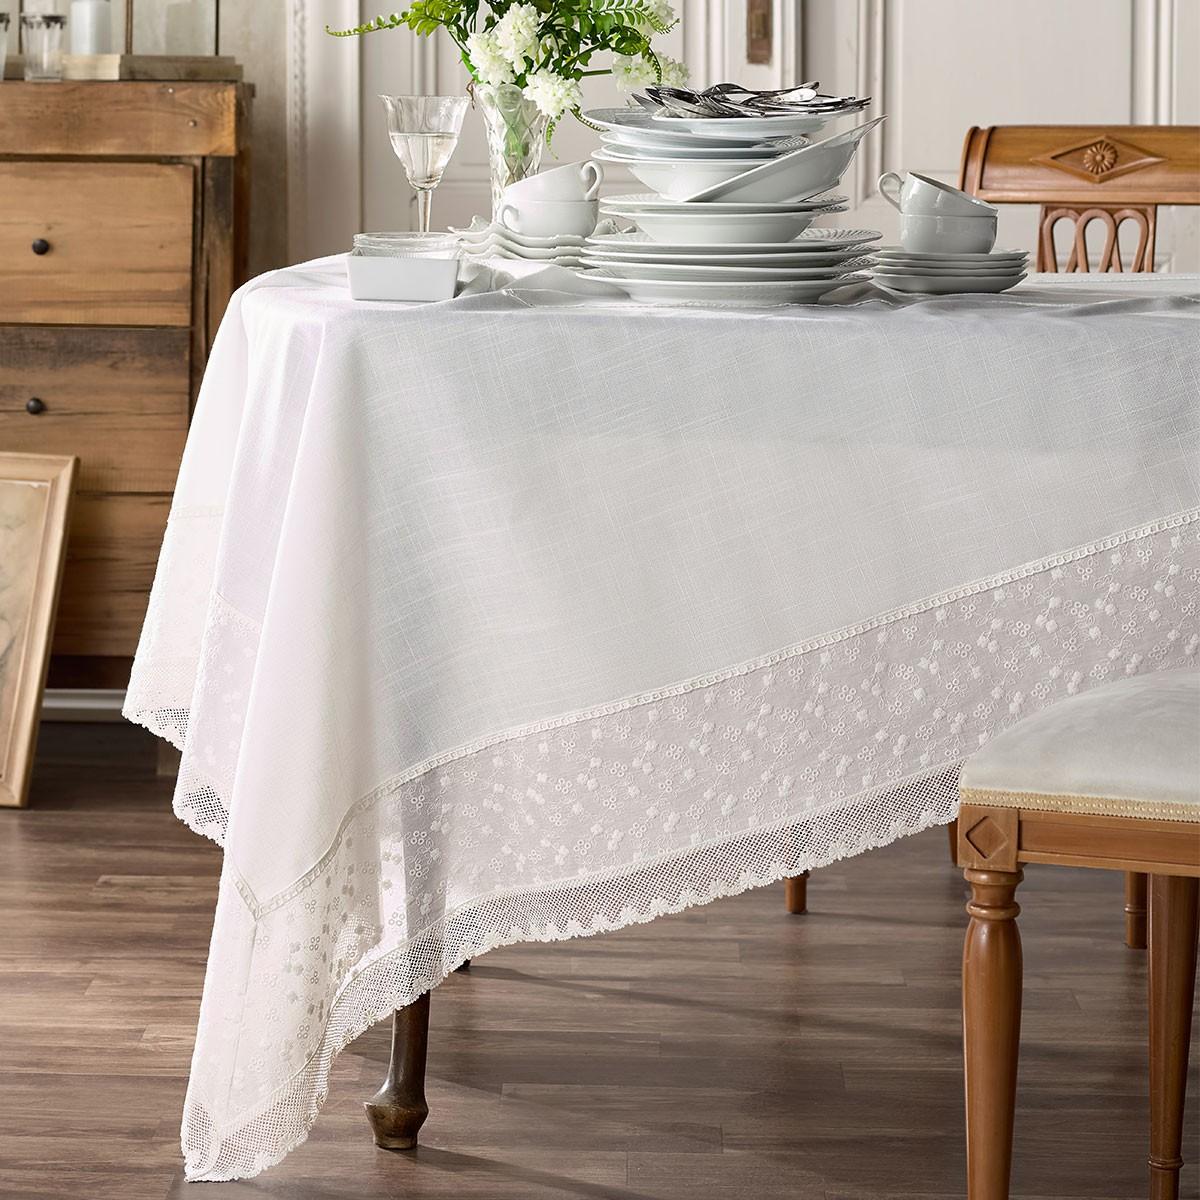 Τραπεζομάντηλο (150x310) Gofis Home Veil 326/05